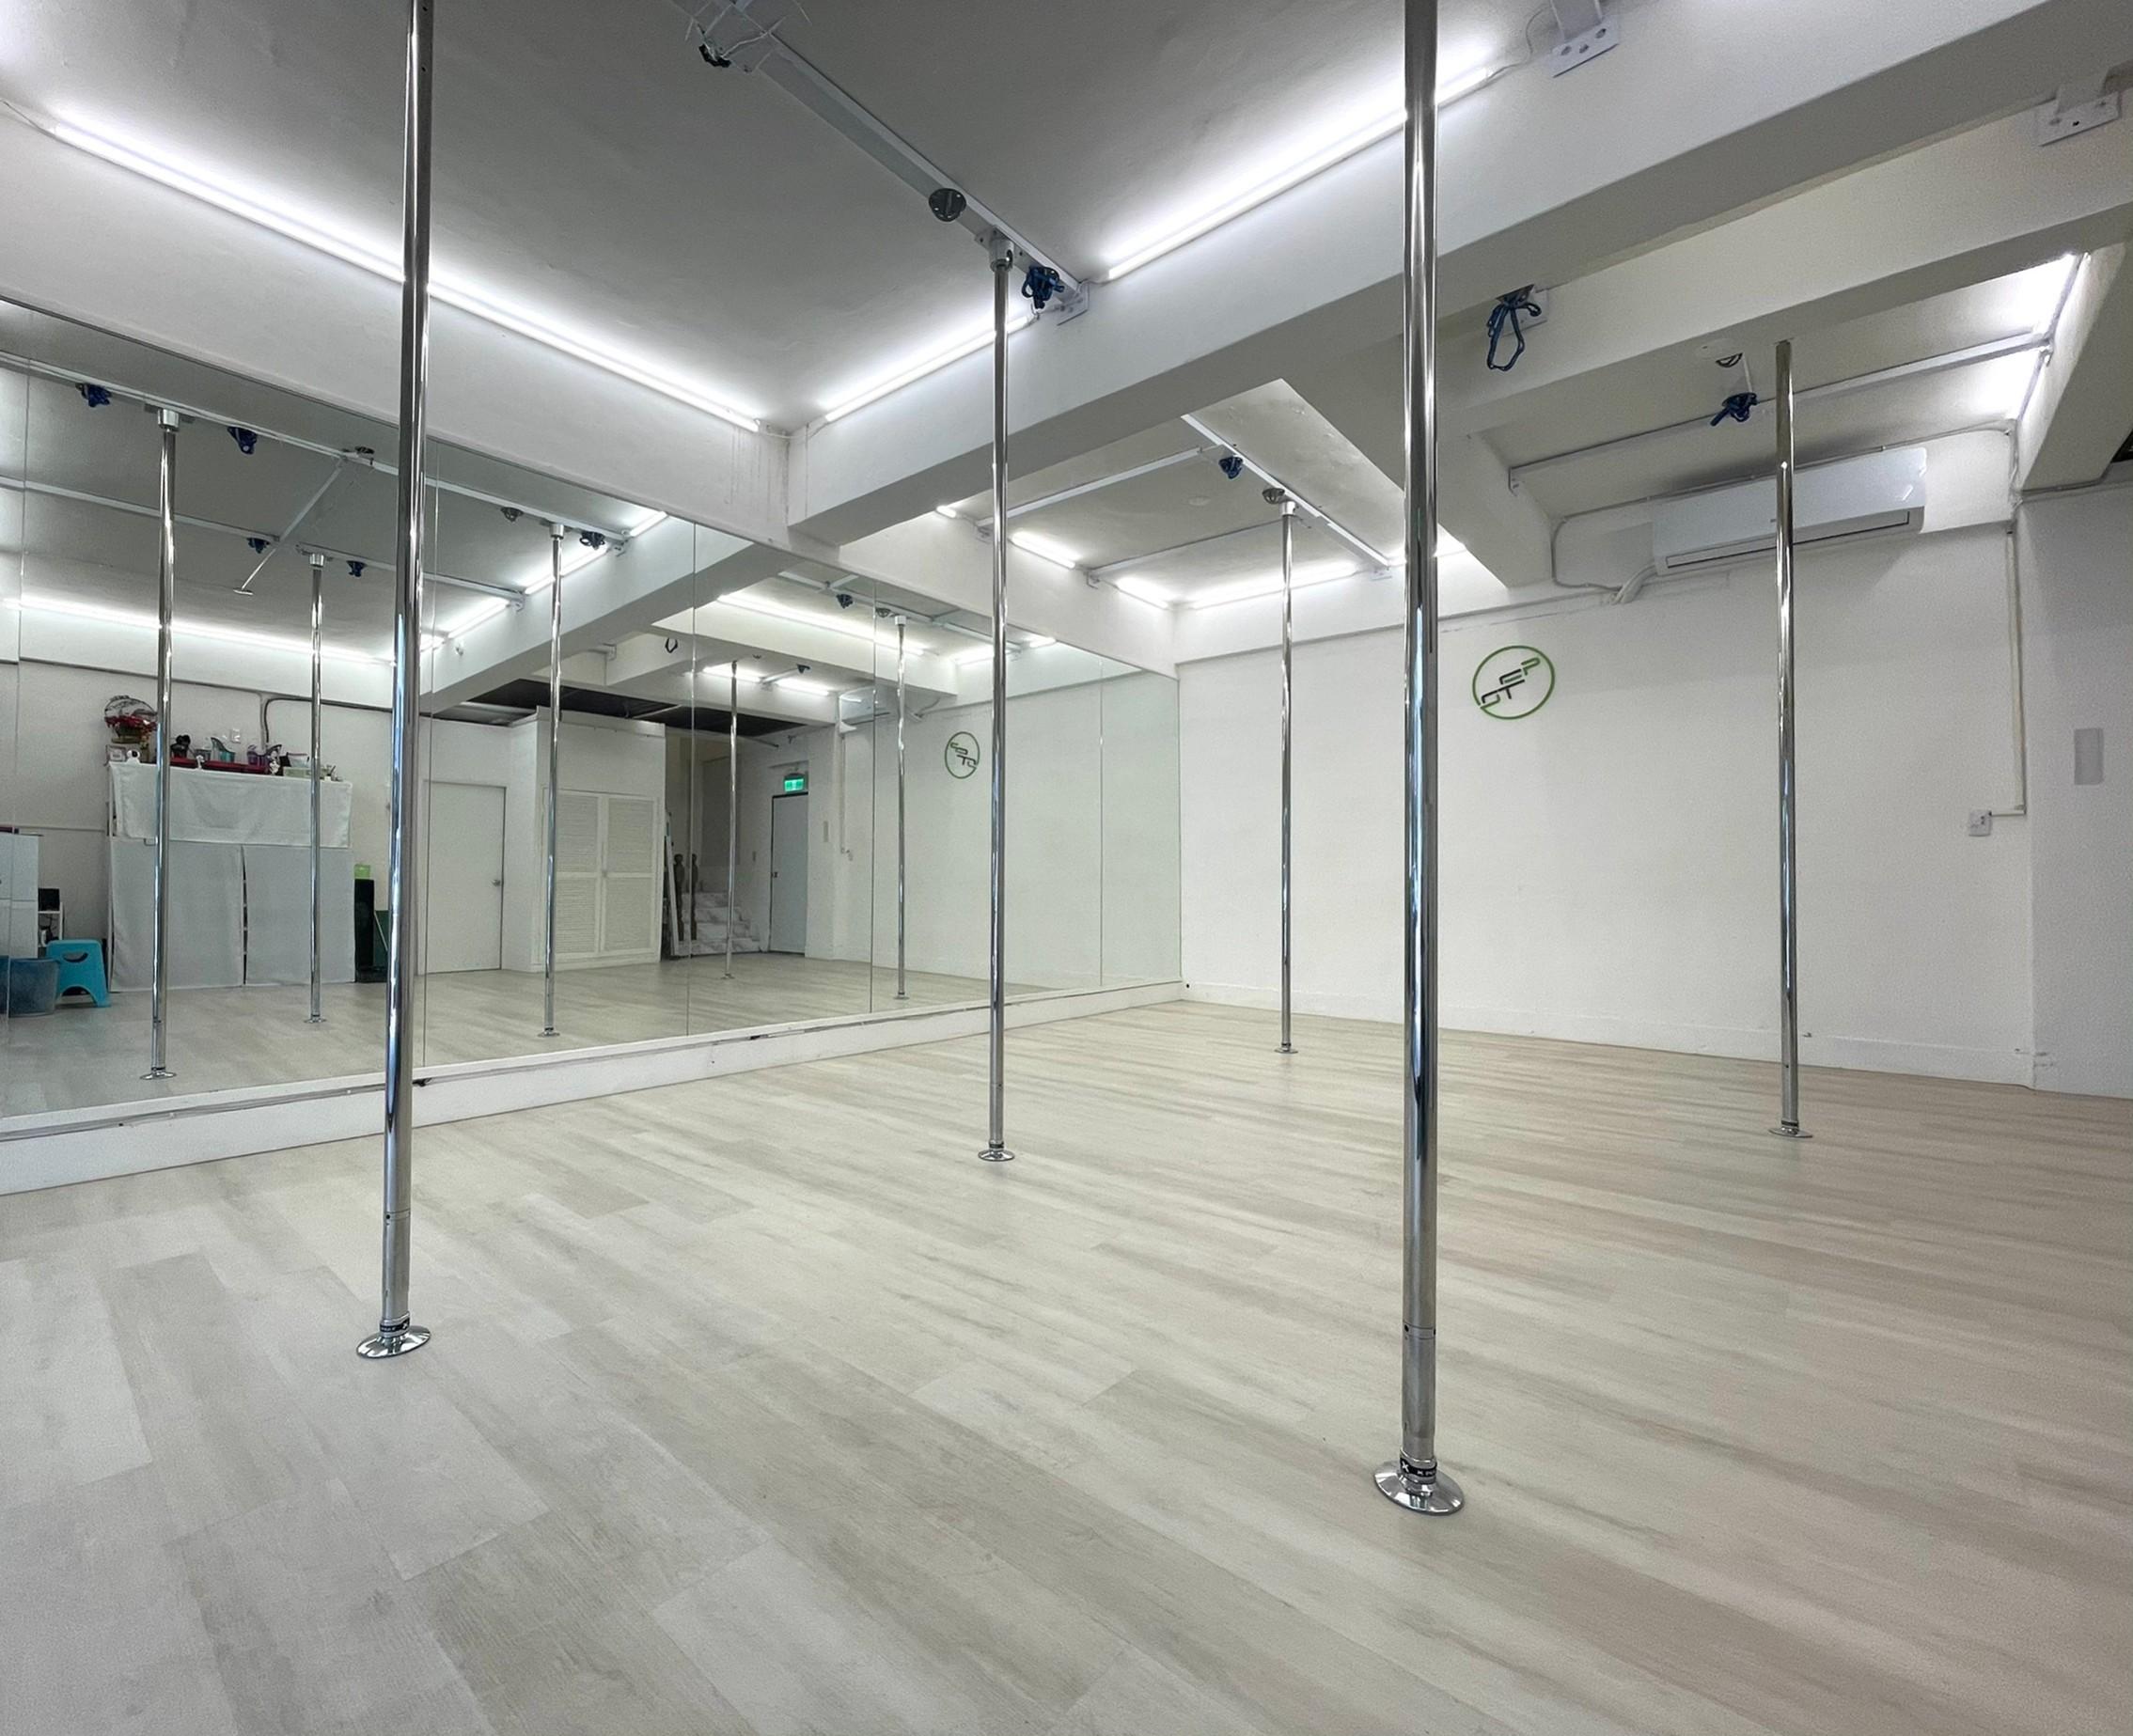 一樓以鋼管舞和空中舞蹈教學為主。胡成威提供